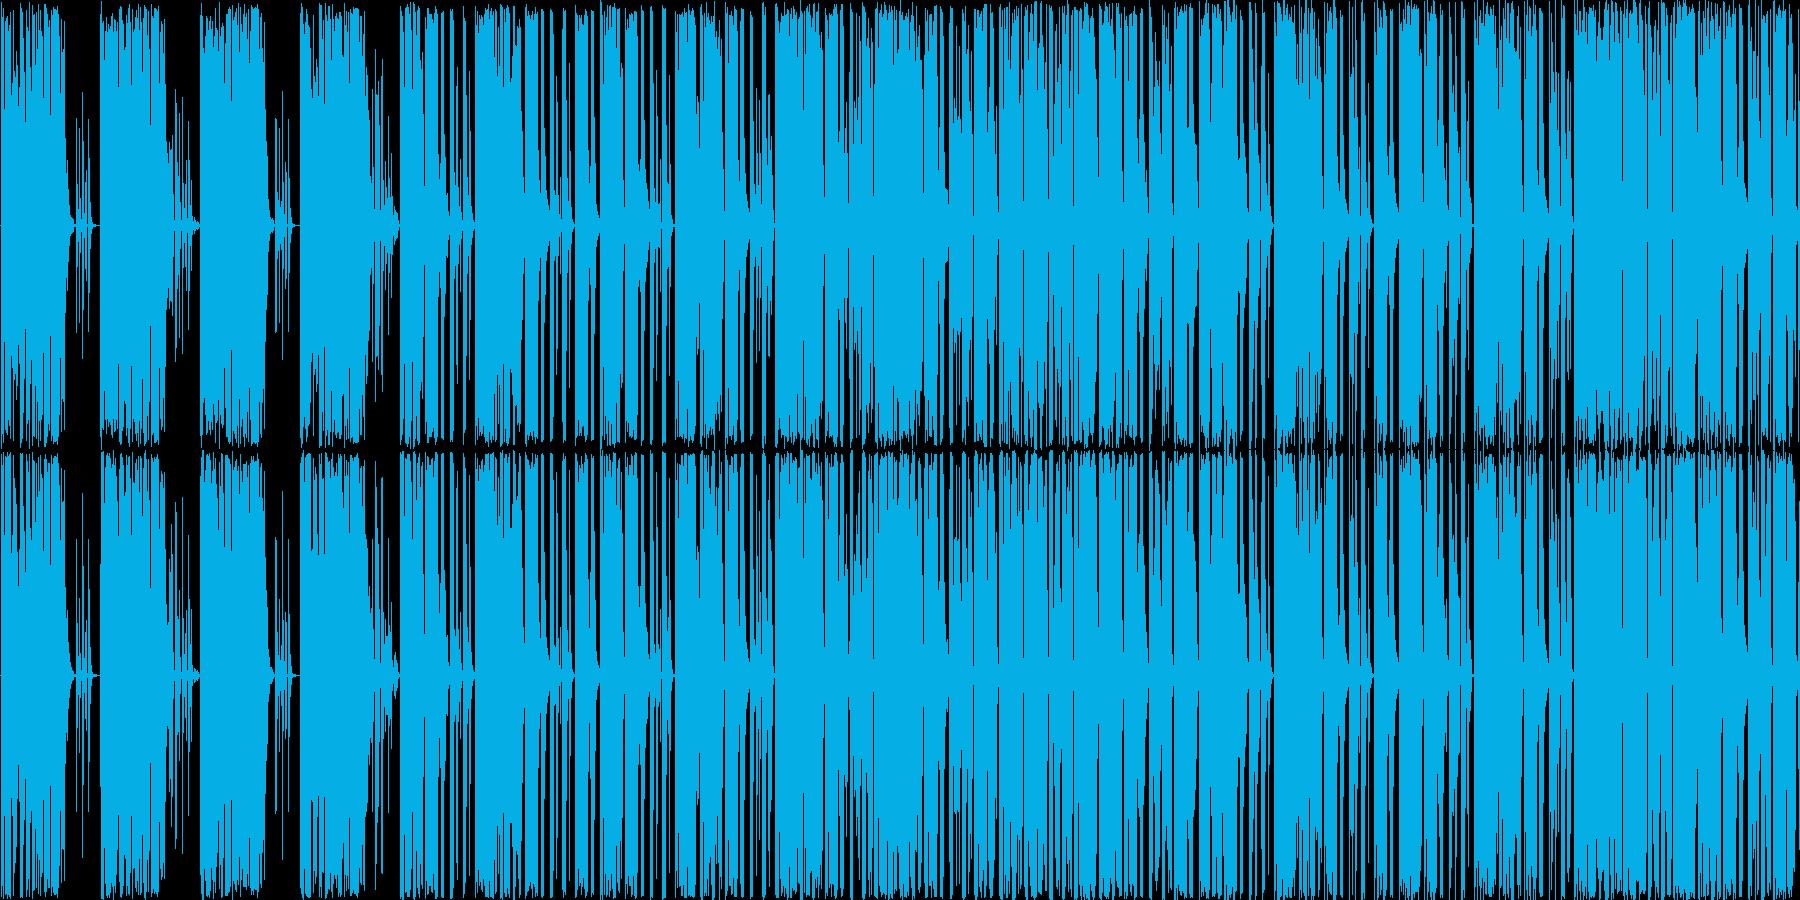 techonoですの再生済みの波形